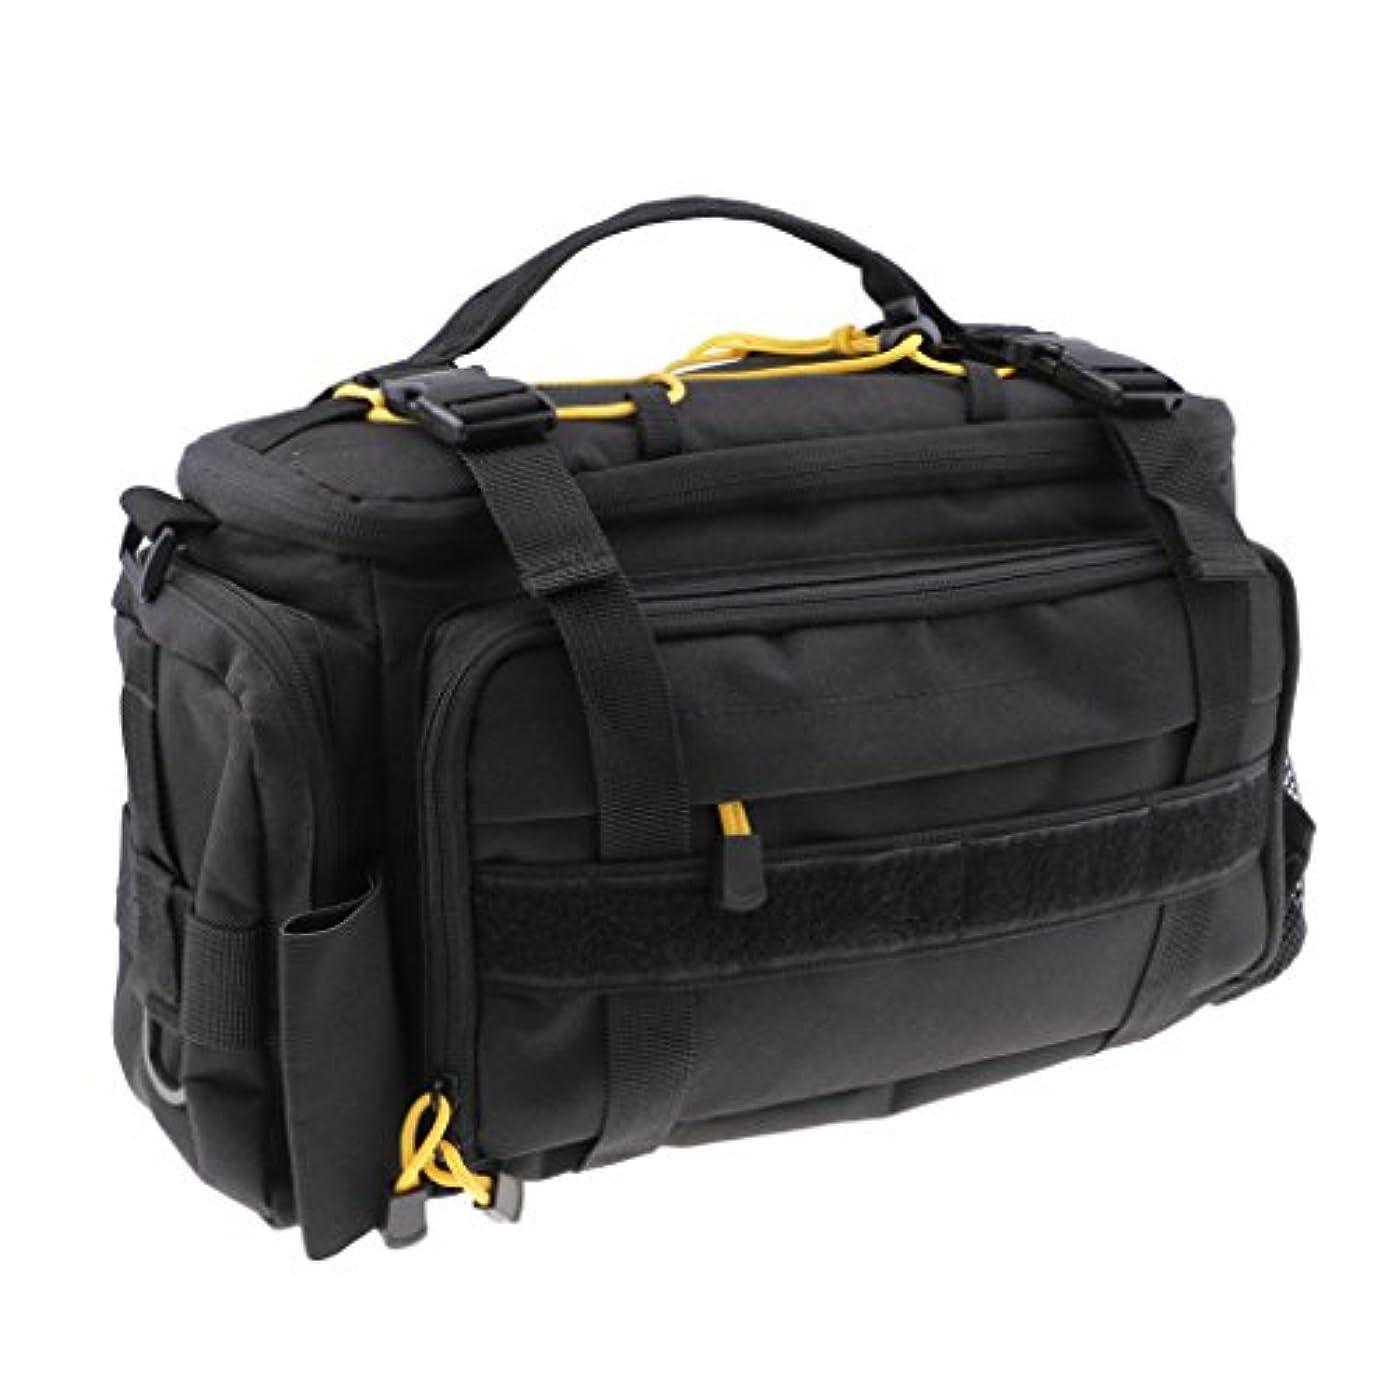 株式止まる数値DYNWAVE 釣りバッグ フィッシングバッグ 大容量 タックルバッグ 斜め掛け 600D 大容量 アウトドア 登山